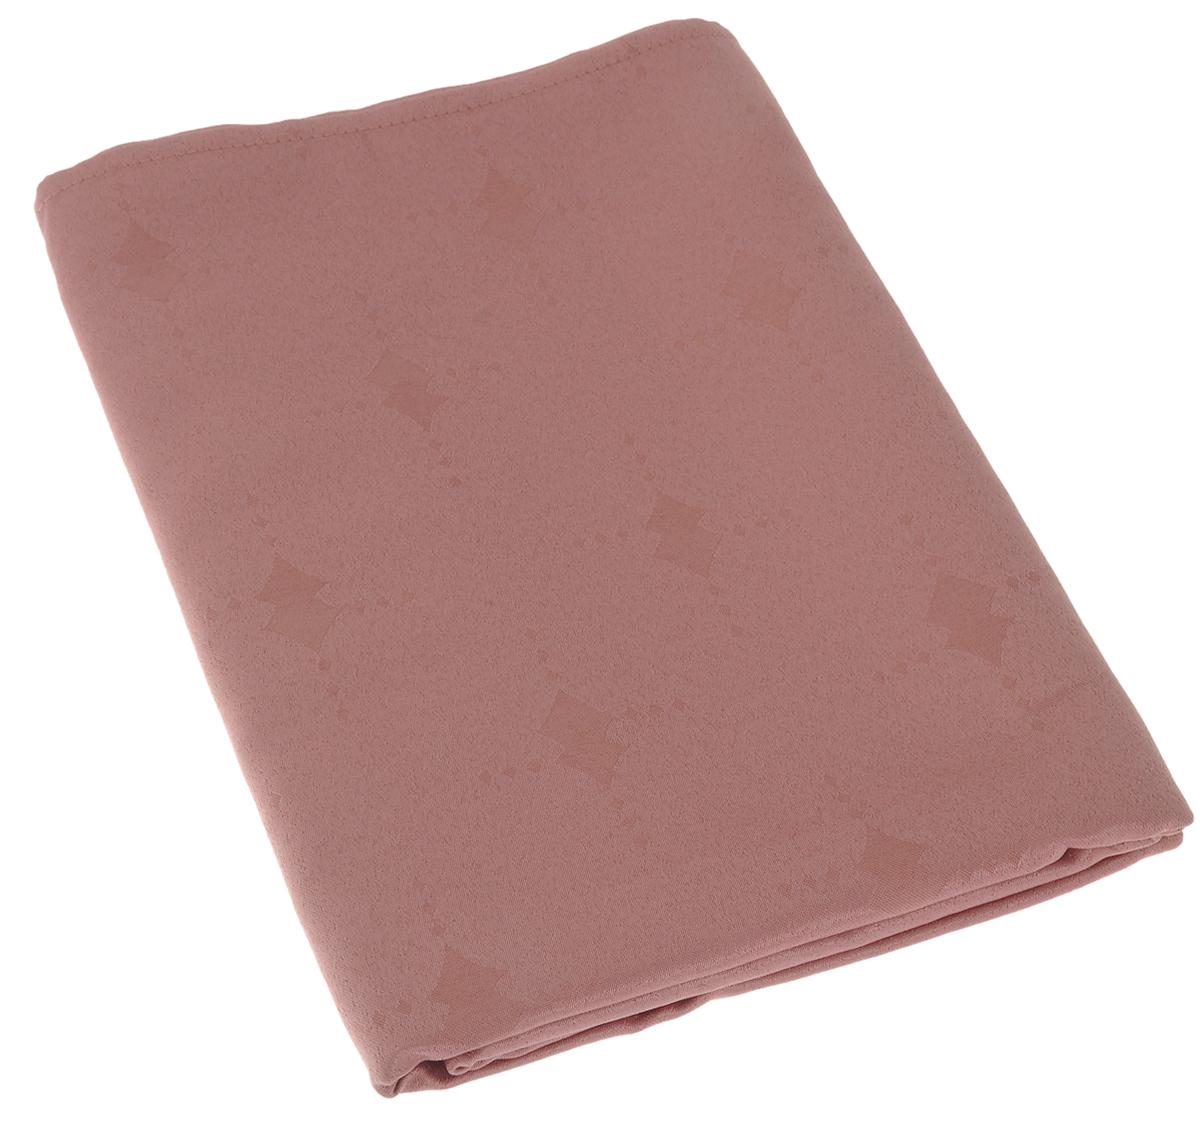 """Изящная прямоугольная скатерть """"Schaefer"""", выполненная из плотного полиэстера, станет украшением кухонного стола. Изделие декорировано красивым узором в виде ромбов. За текстилем из полиэстера очень легко ухаживать: он не мнется, не садится и быстро сохнет, легко стирается, более долговечен, чем текстиль из натуральных волокон. Использование такой скатерти сделает застолье торжественным, поднимет настроение гостей и приятно удивит их вашим изысканным вкусом. Также вы можете использовать эту скатерть для повседневной трапезы, превратив каждый прием пищи в волшебный праздник и веселье.  Это текстильное изделие станет изысканным украшением вашего дома!"""